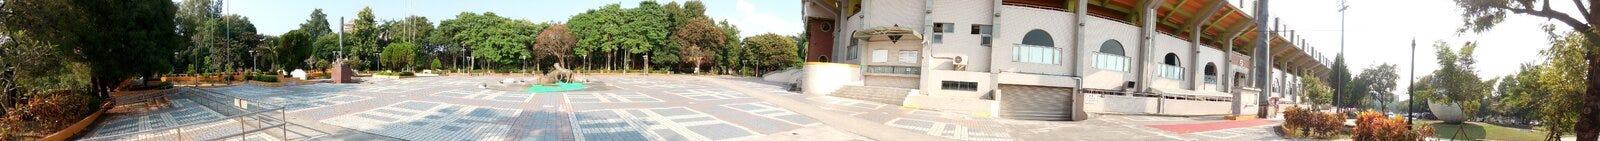 Panorama - Plein buiten het Chiayi-Stadion van het Stadshonkbal royalty-vrije stock fotografie